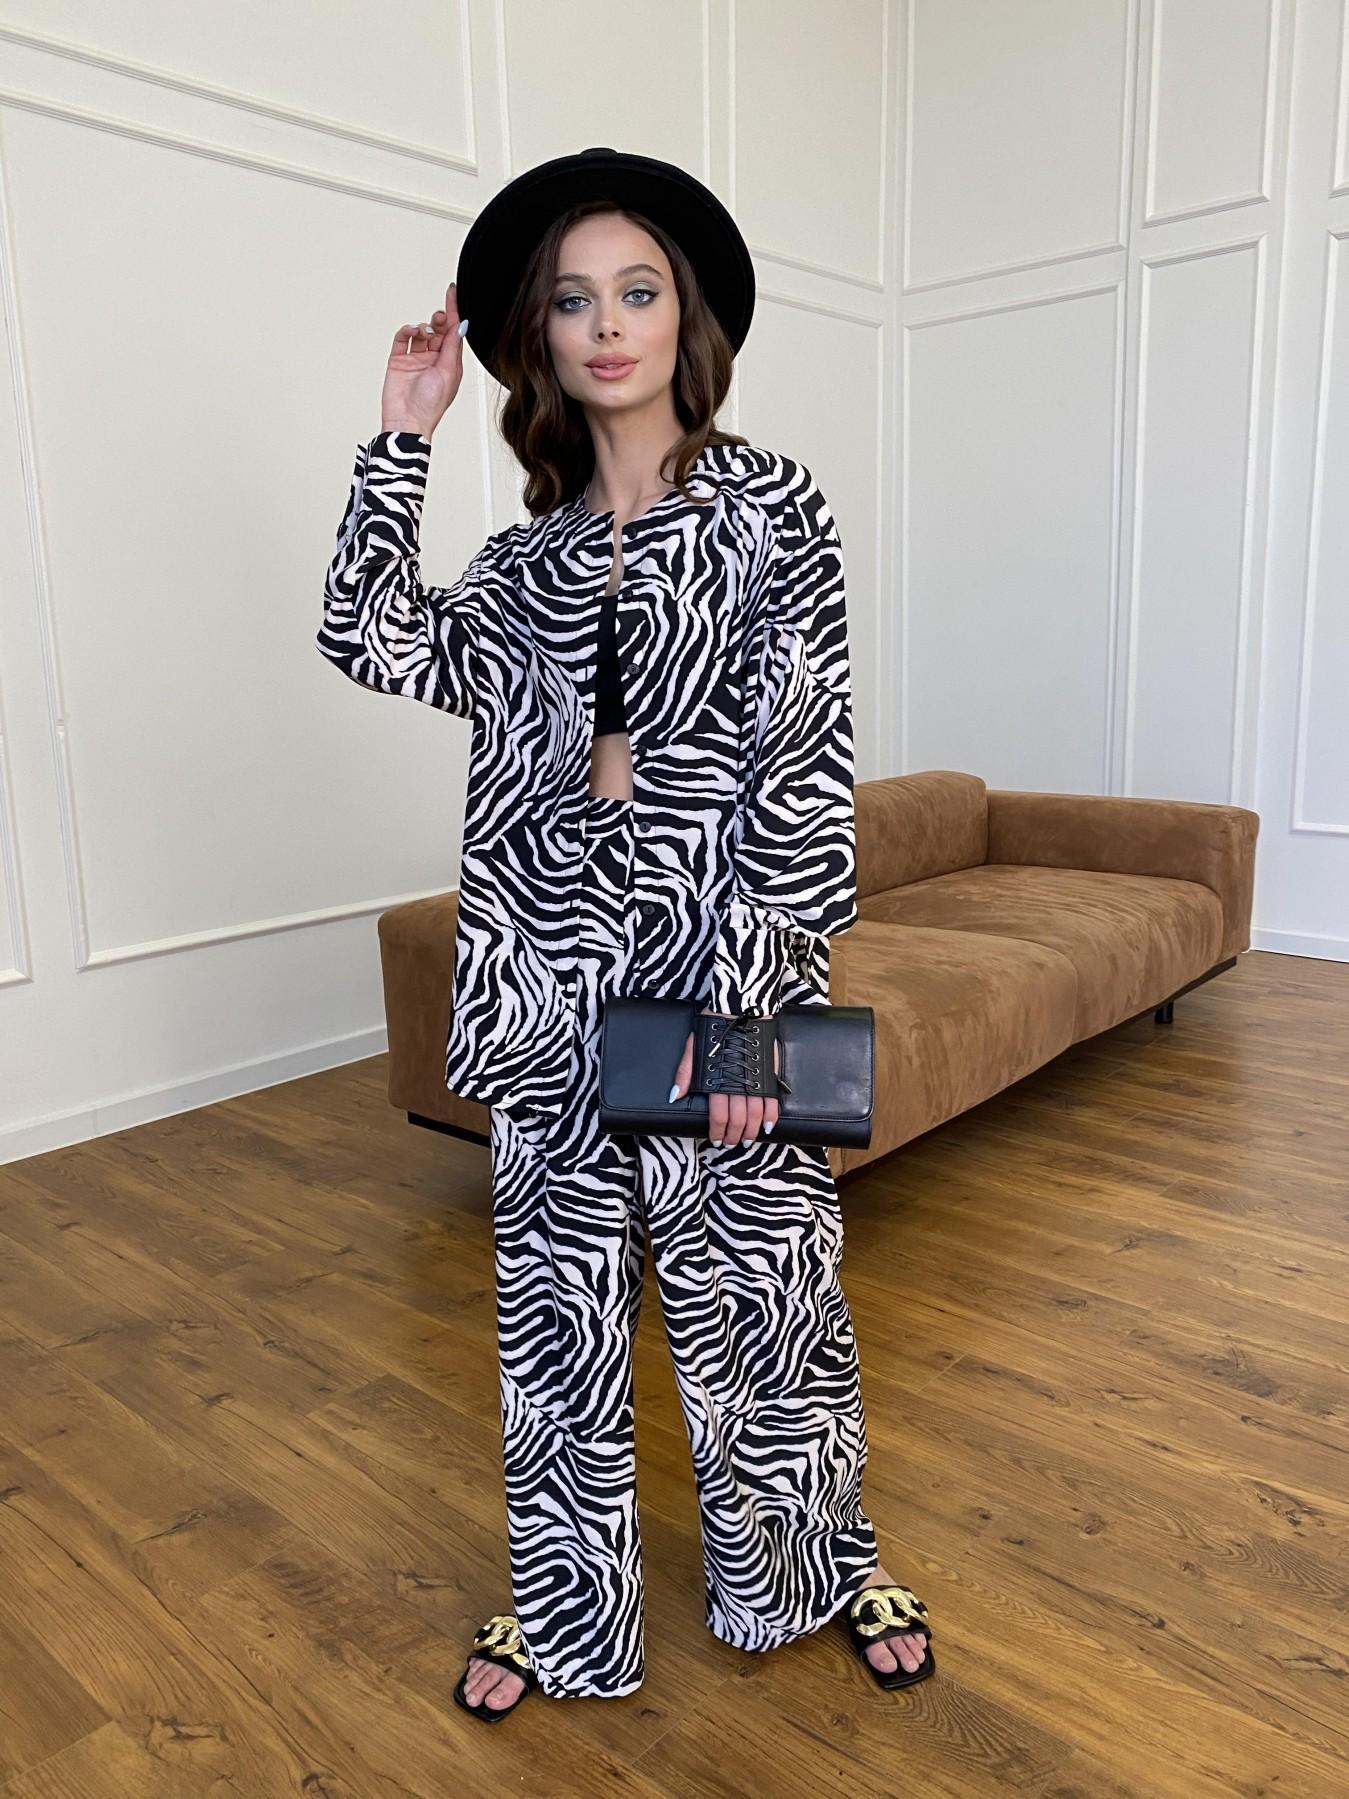 Колибри костюм софт с принтом 11244 АРТ. 47758 Цвет: Черный/молоко, Зебра - фото 5, интернет магазин tm-modus.ru